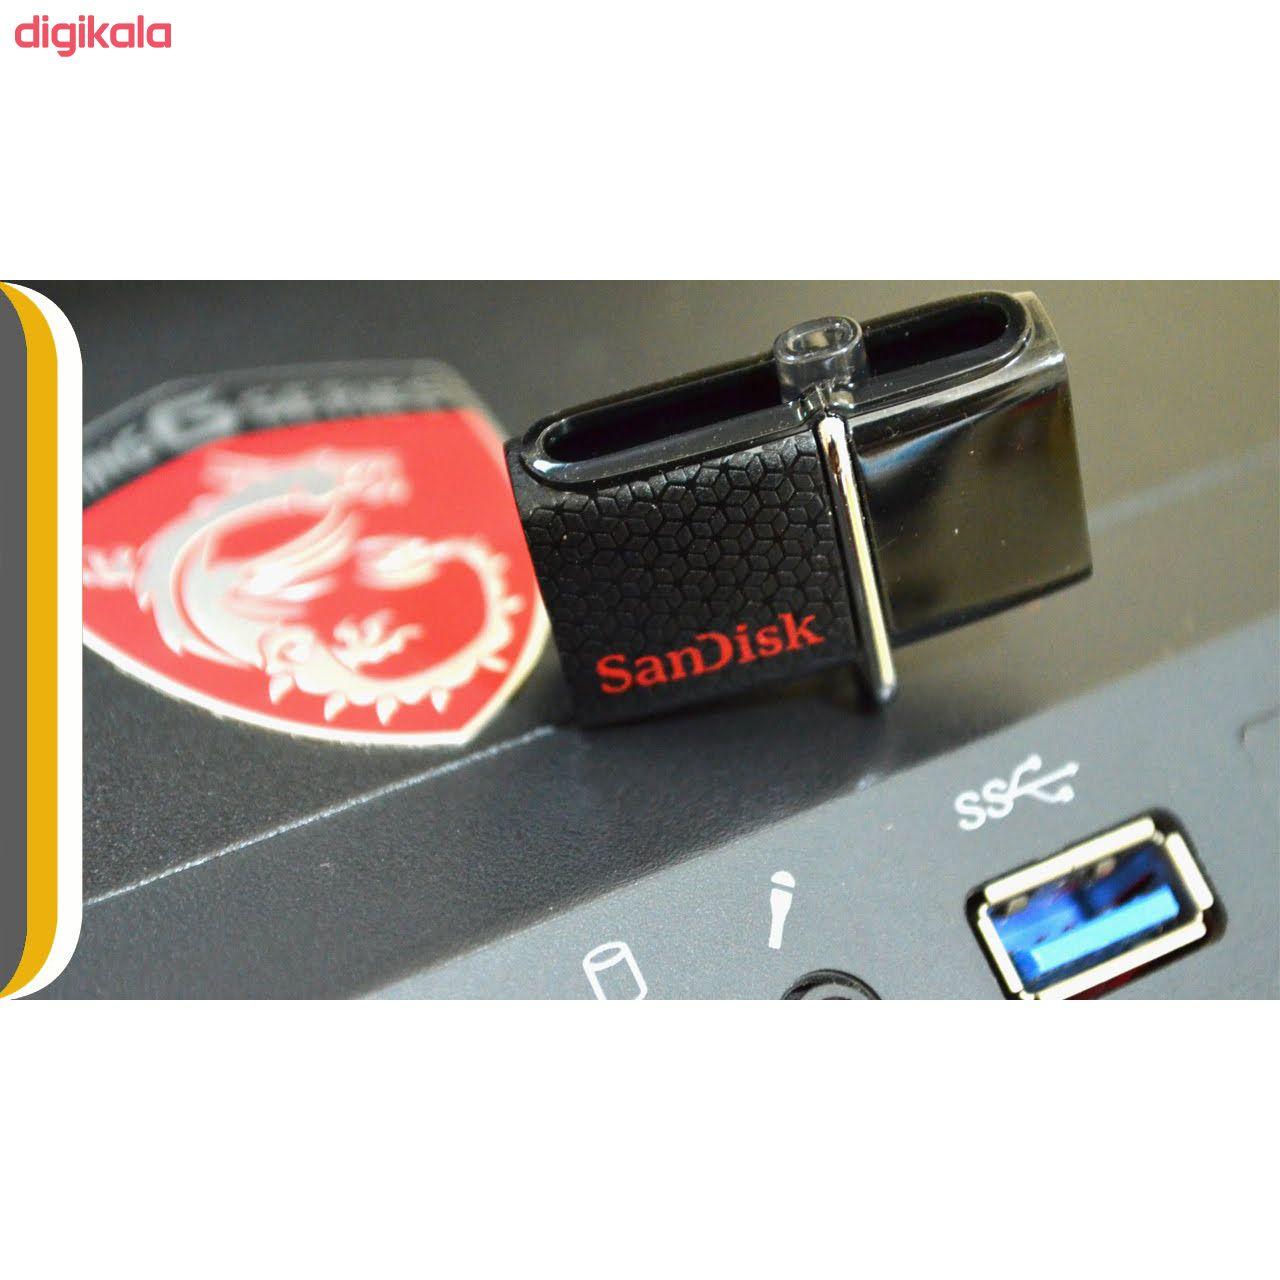 فلش مموری سن دیسک مدل Ultra Dual USB Drive 3.0 ظرفیت 32 گیگابایت main 1 1